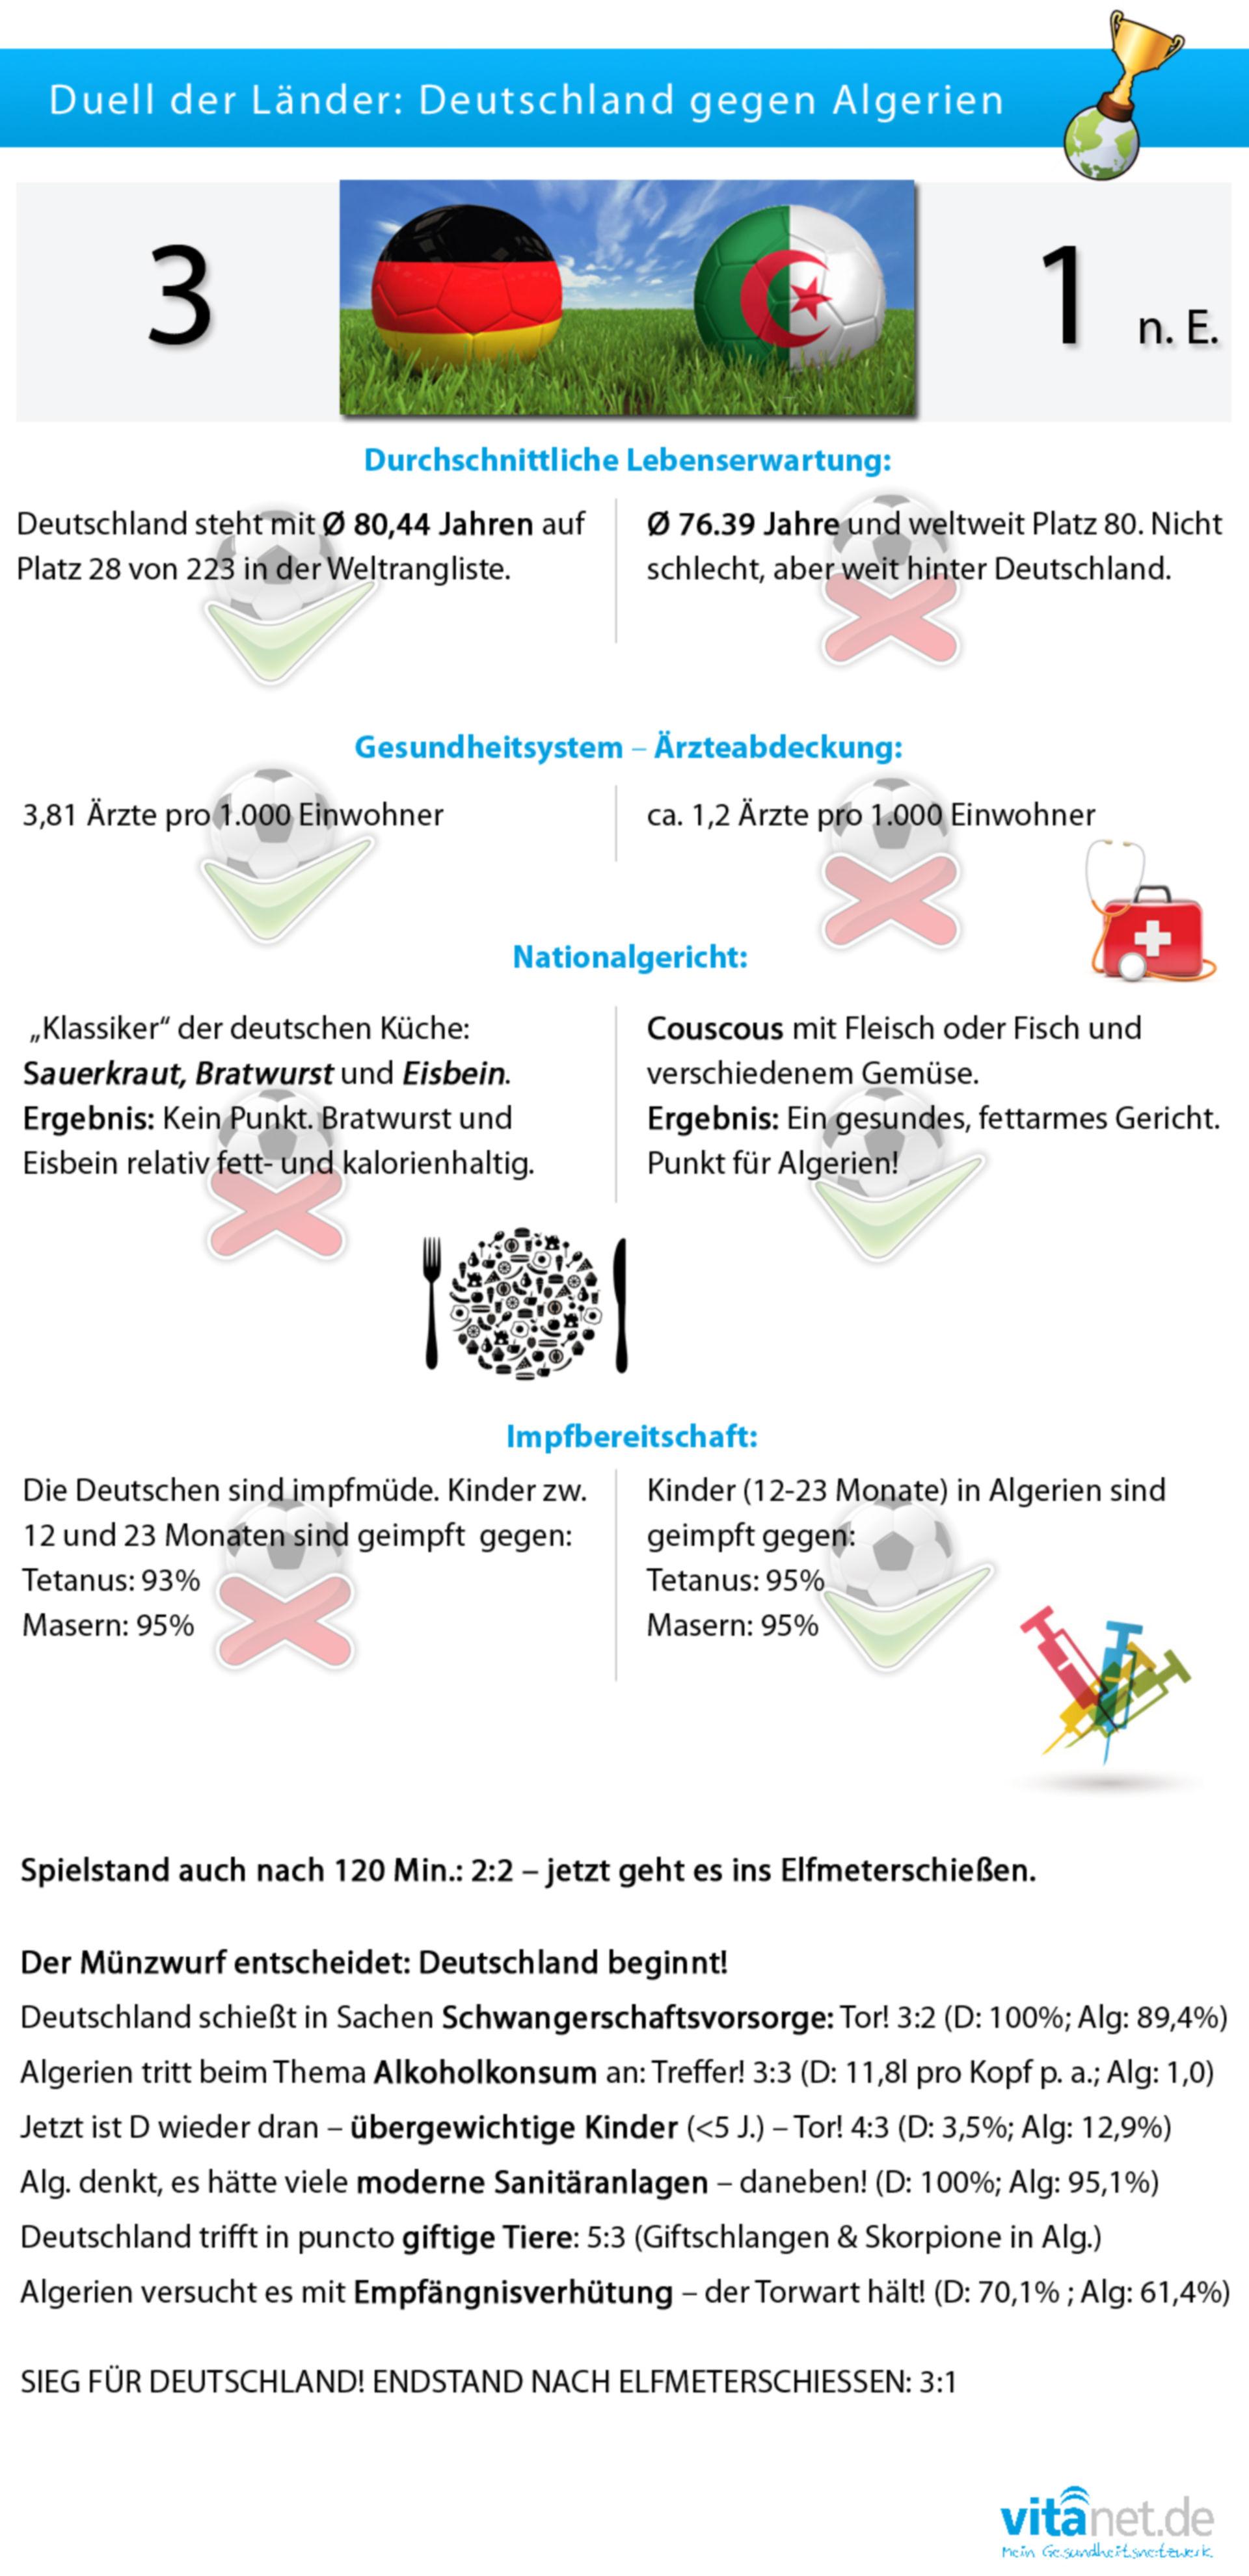 Mundial de salud: Alemania contra Argelia